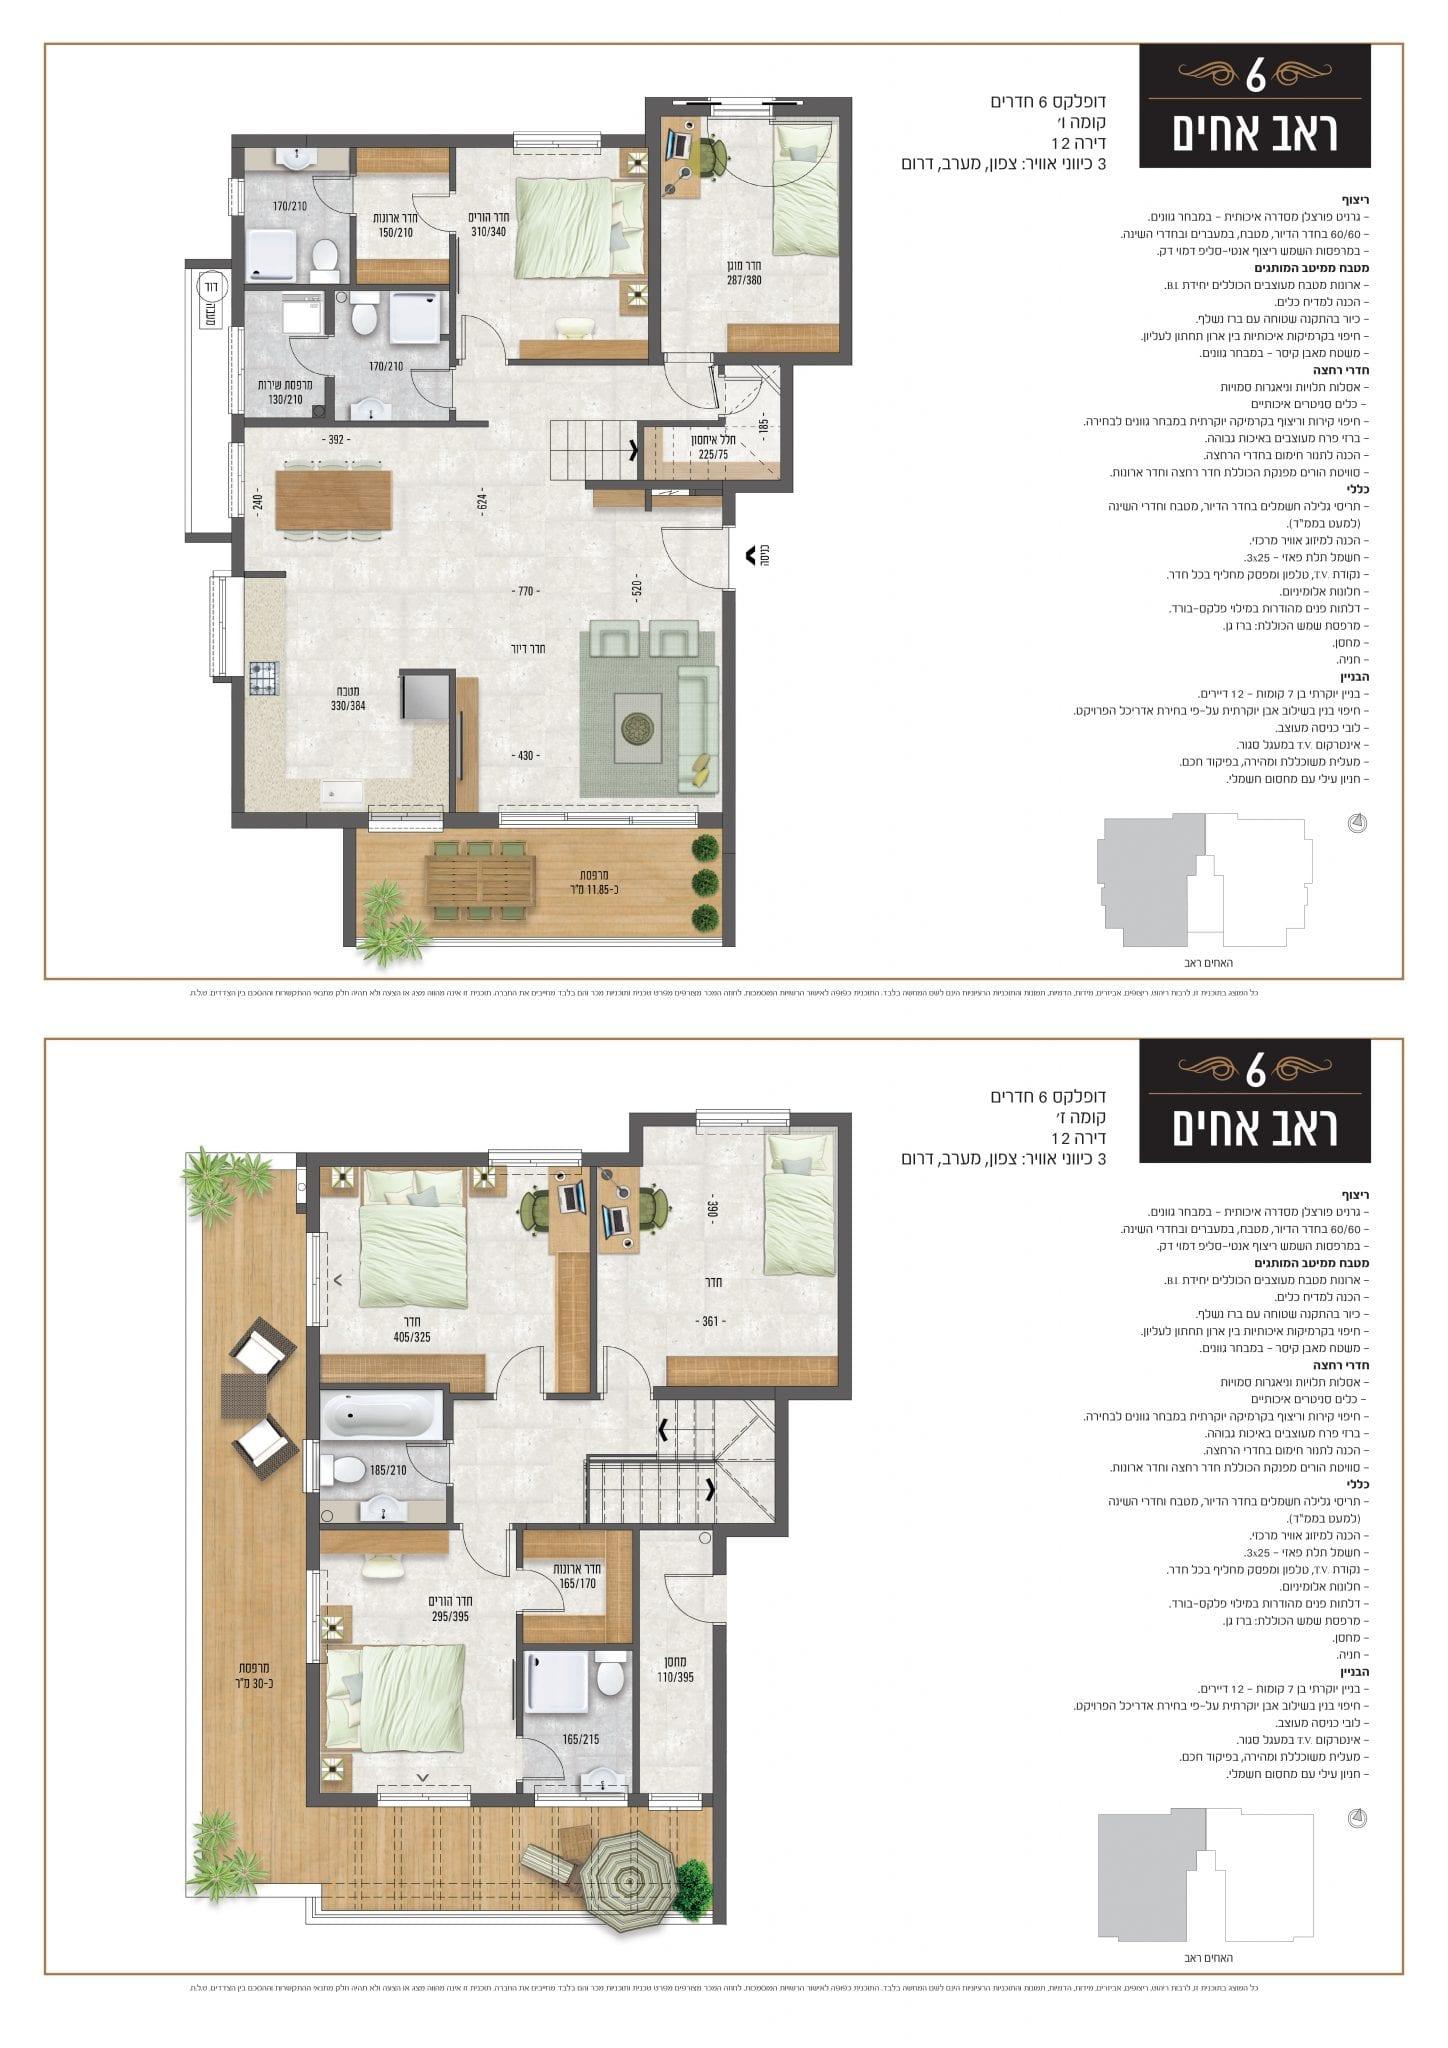 דופלקס 6 חדרים דירה מספר 12 קומות 6-7